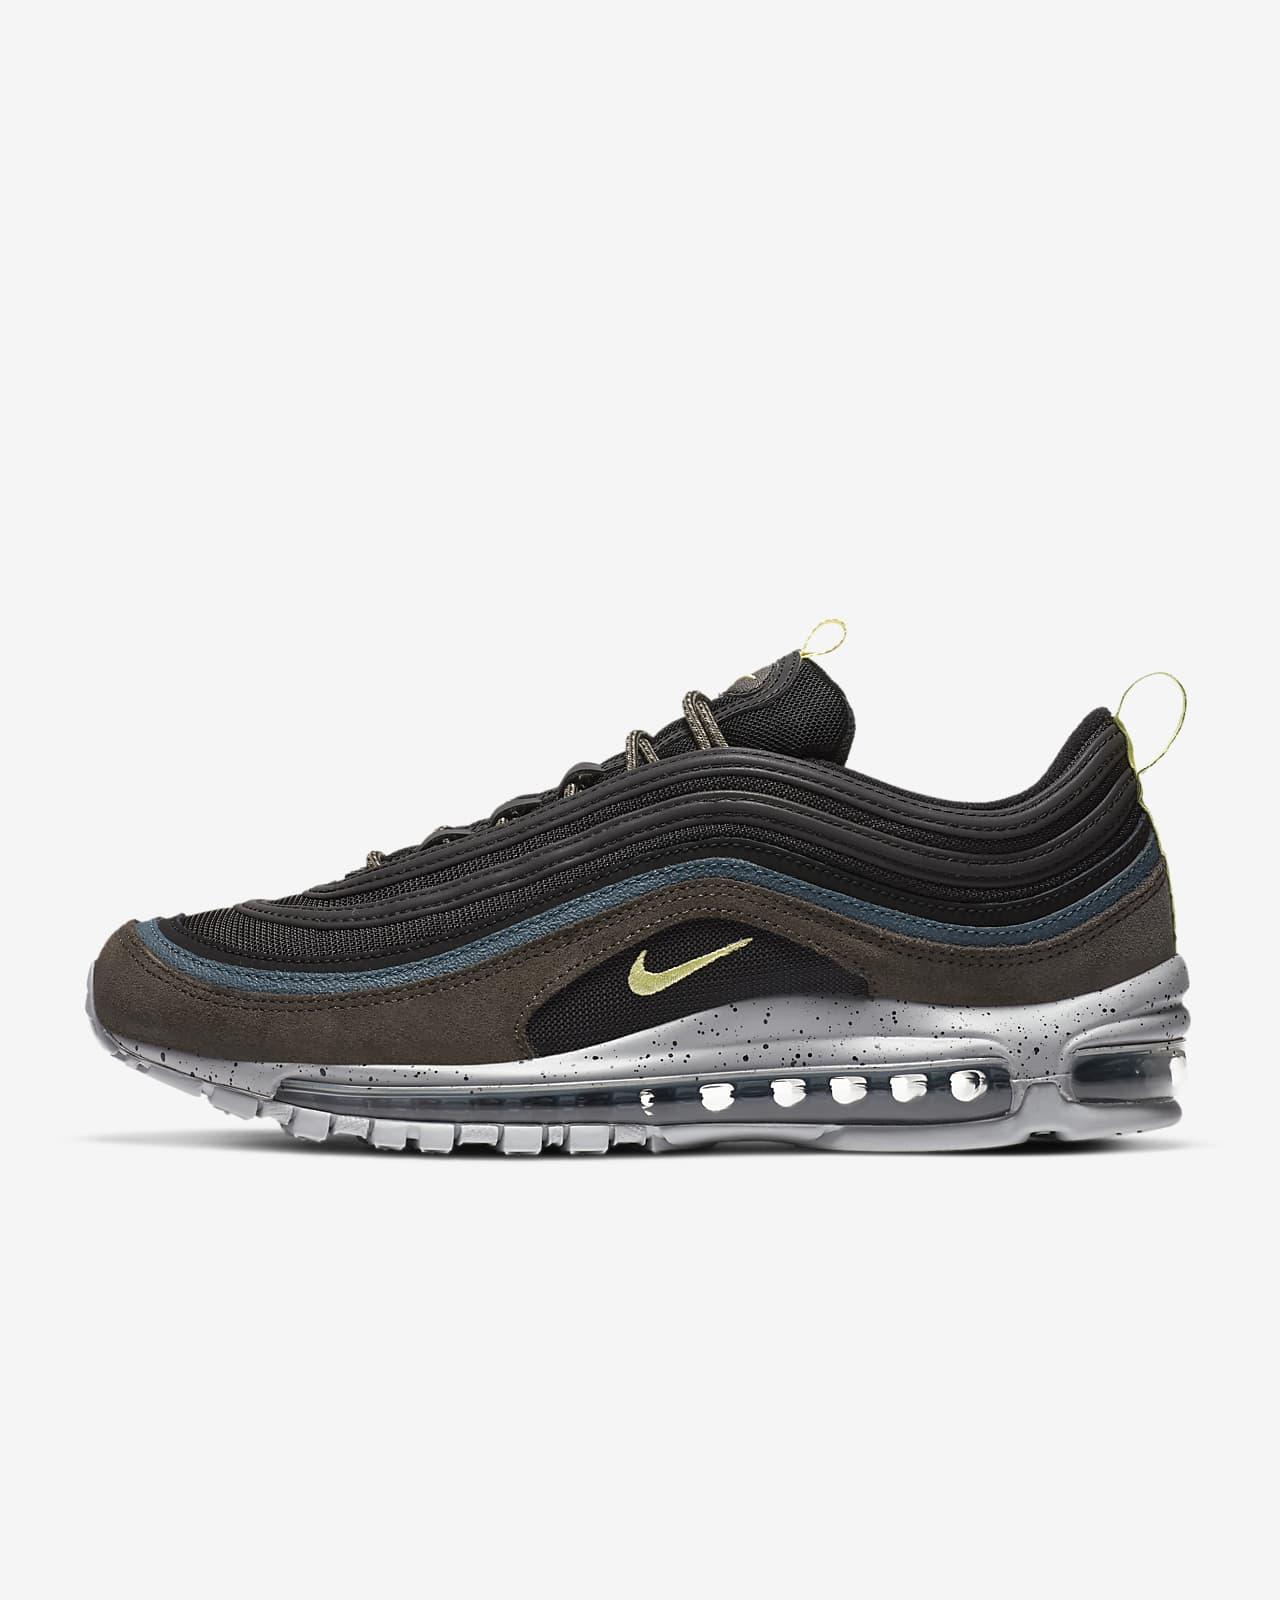 Pánská bota Nike Air Max 97